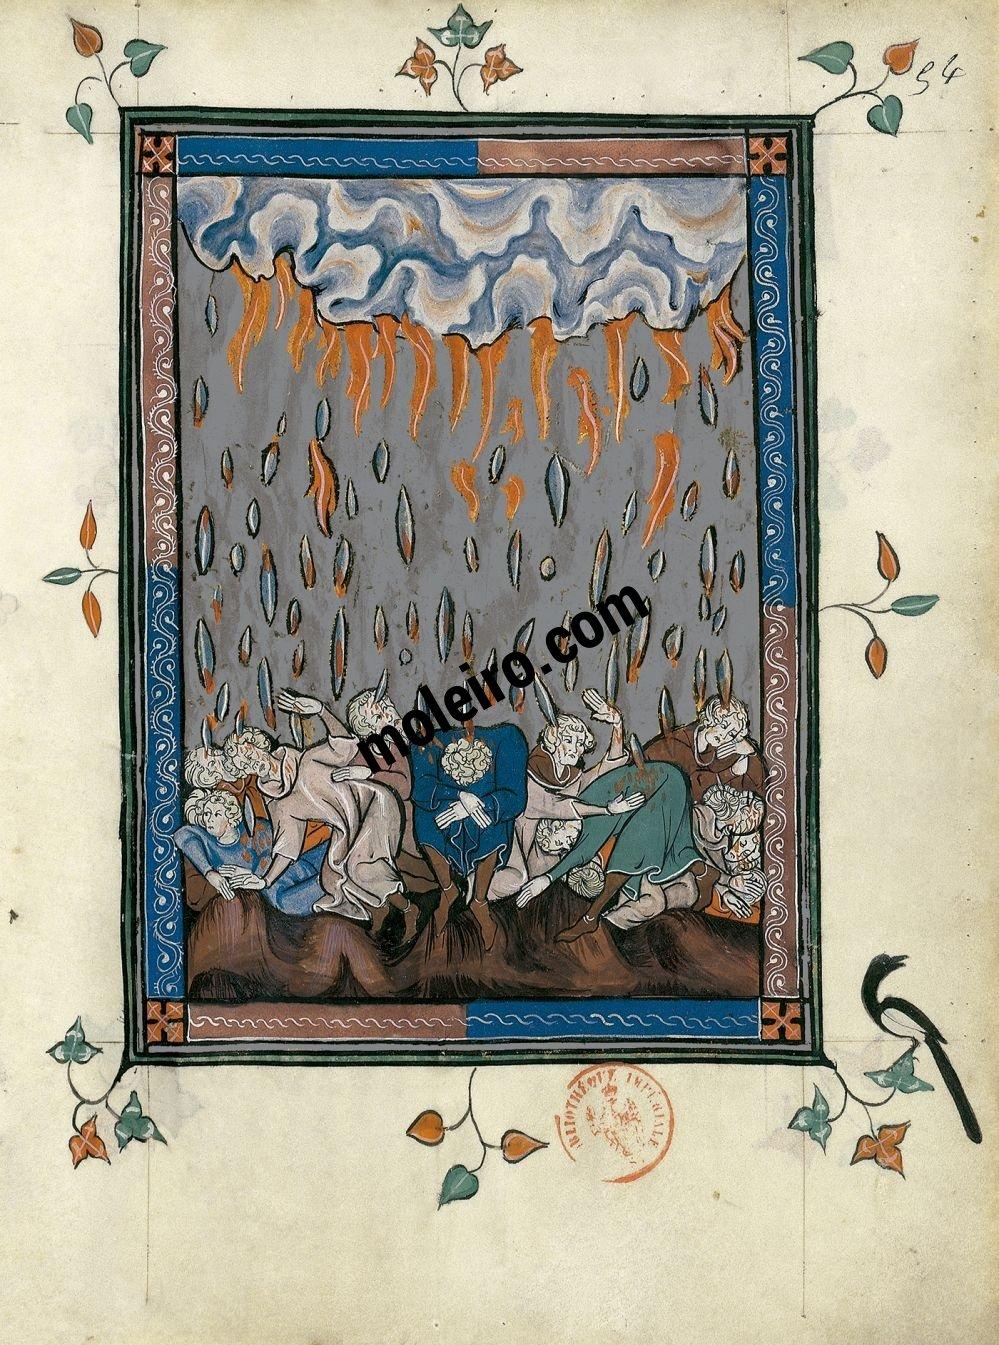 The Apocalypse of 1313 f. 54r, The rain of hailstones (Revelation 16: 21)